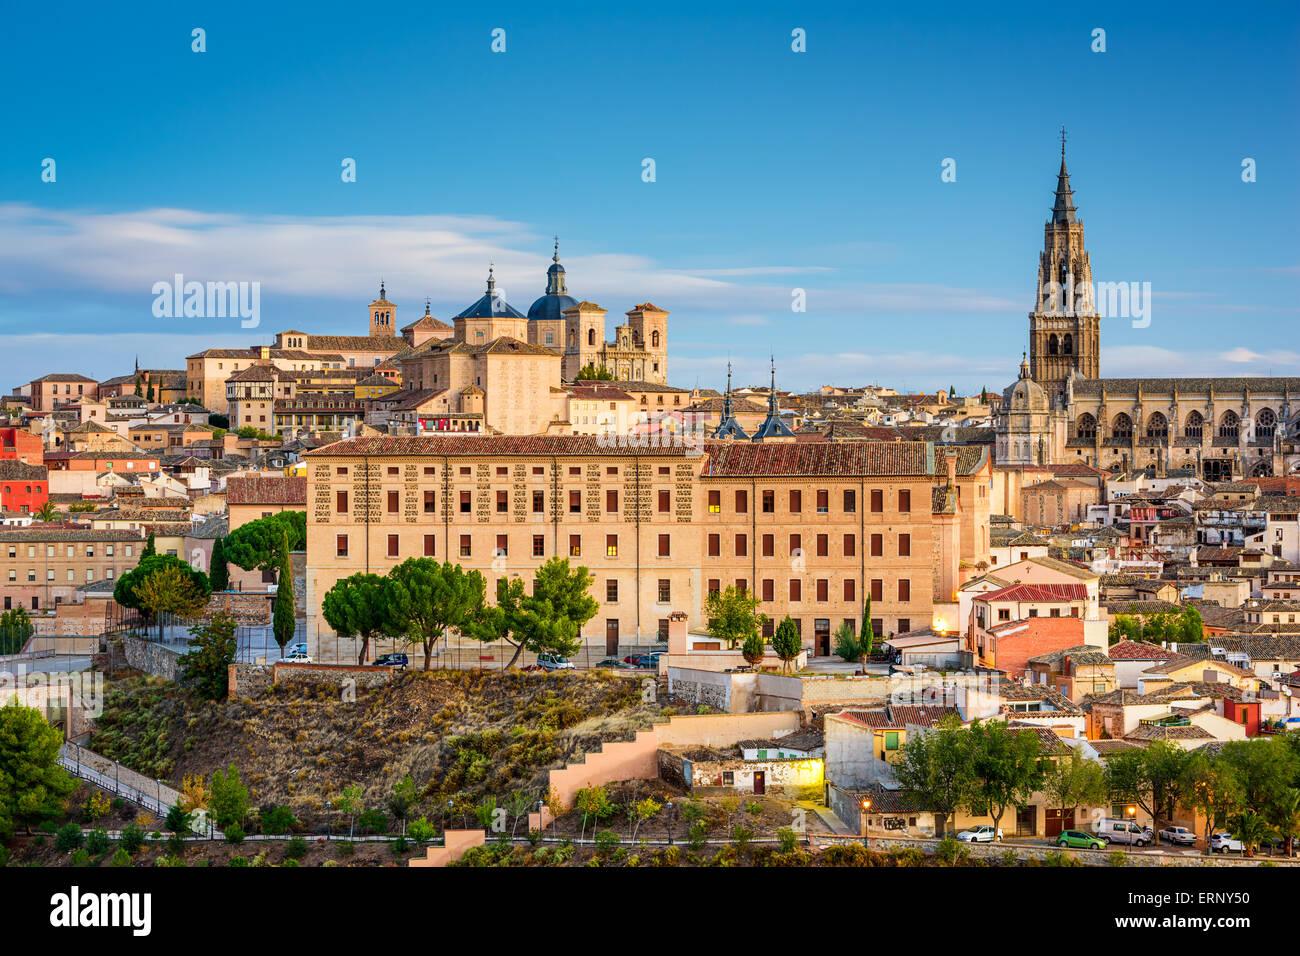 Toledo, España vista de la ciudad, en la catedral. Imagen De Stock